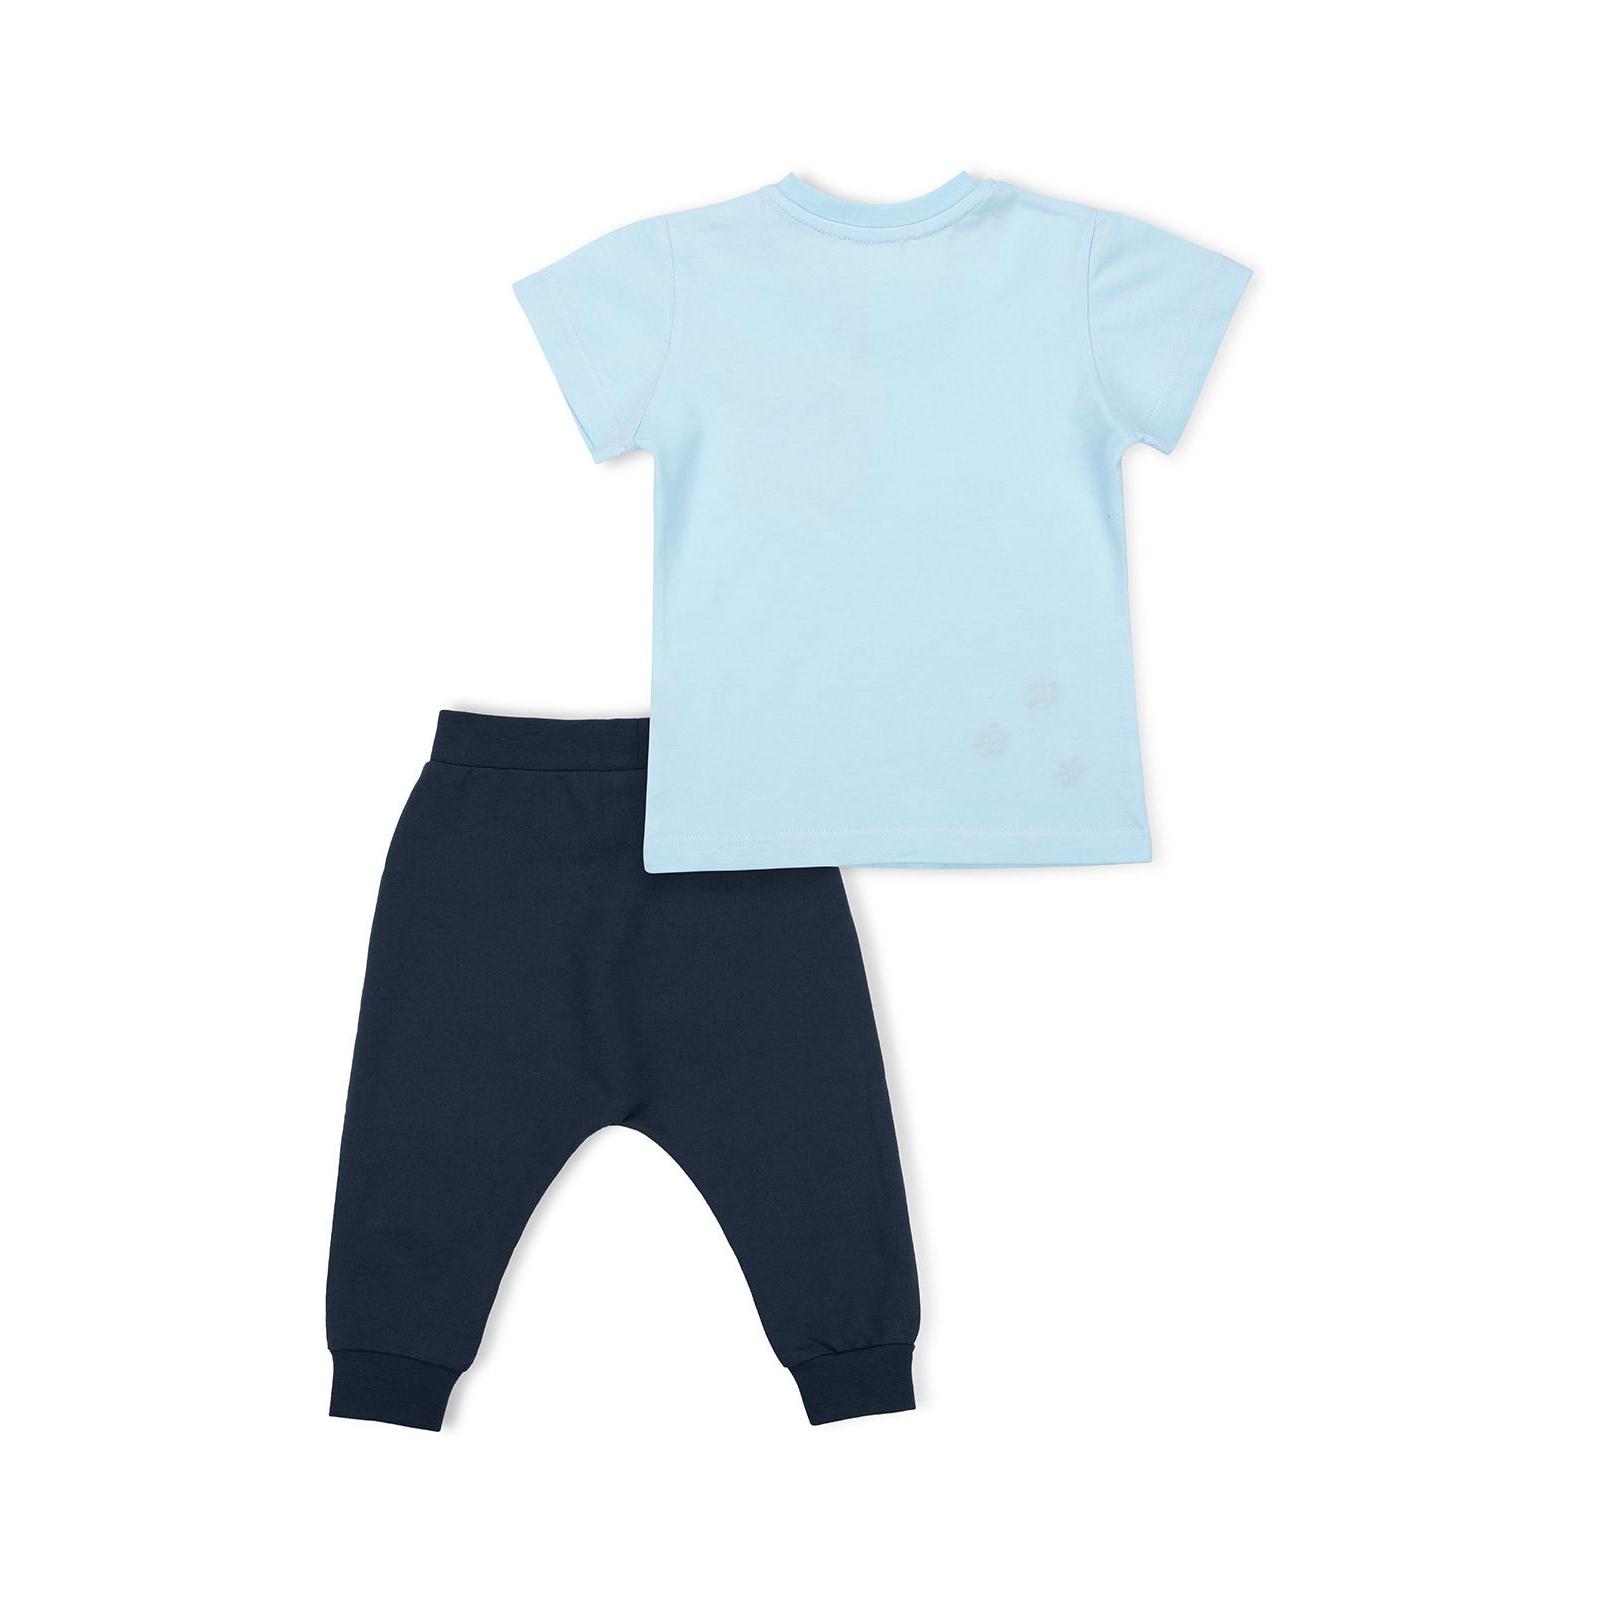 Набор детской одежды Breeze с карманчиками (10234-86G-blue) изображение 4